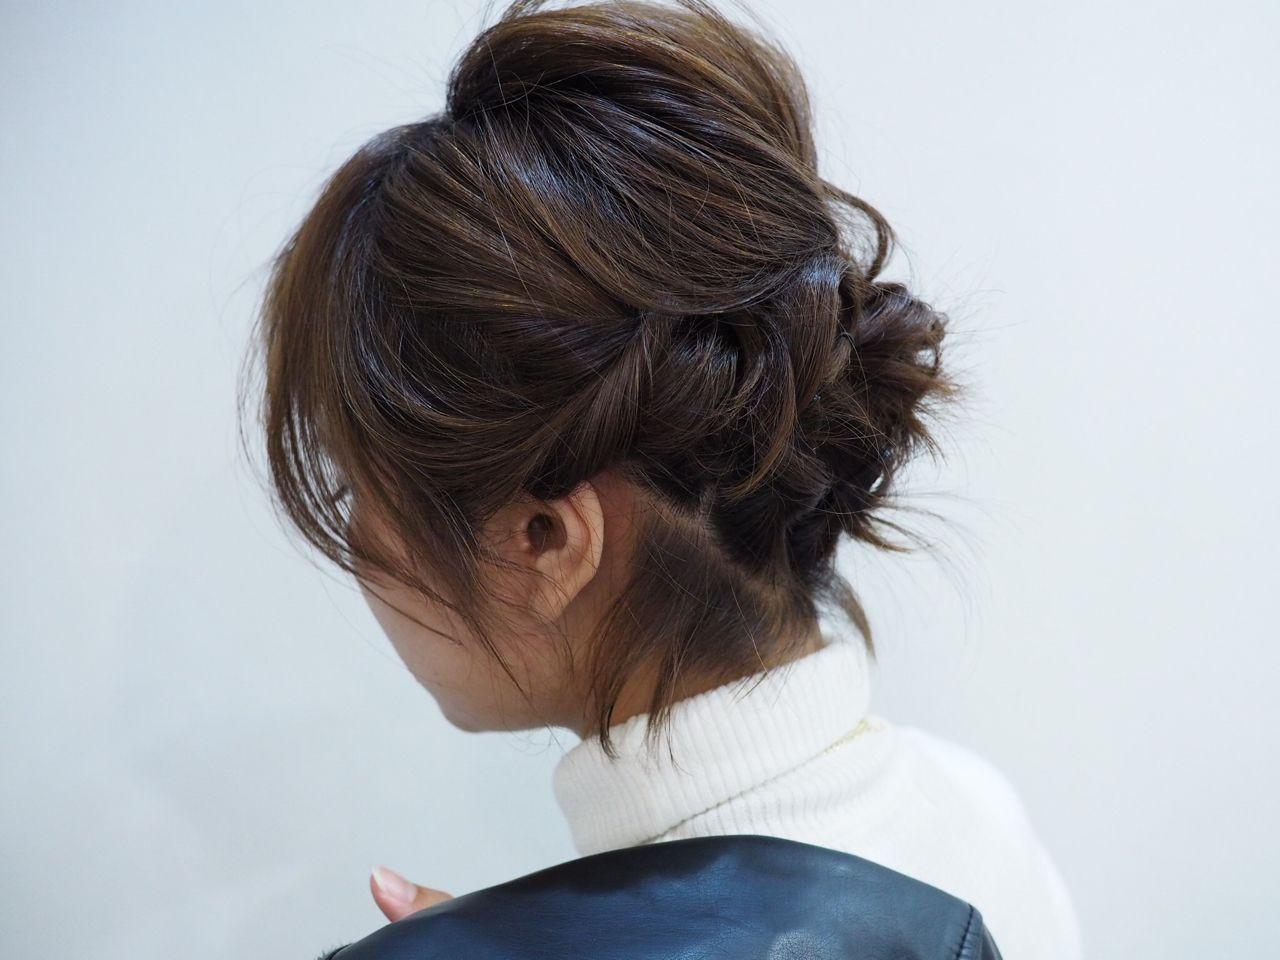 【結婚式】ボブヘアさんの華やか結婚式ヘアスタイル特集♡ 古川 未来